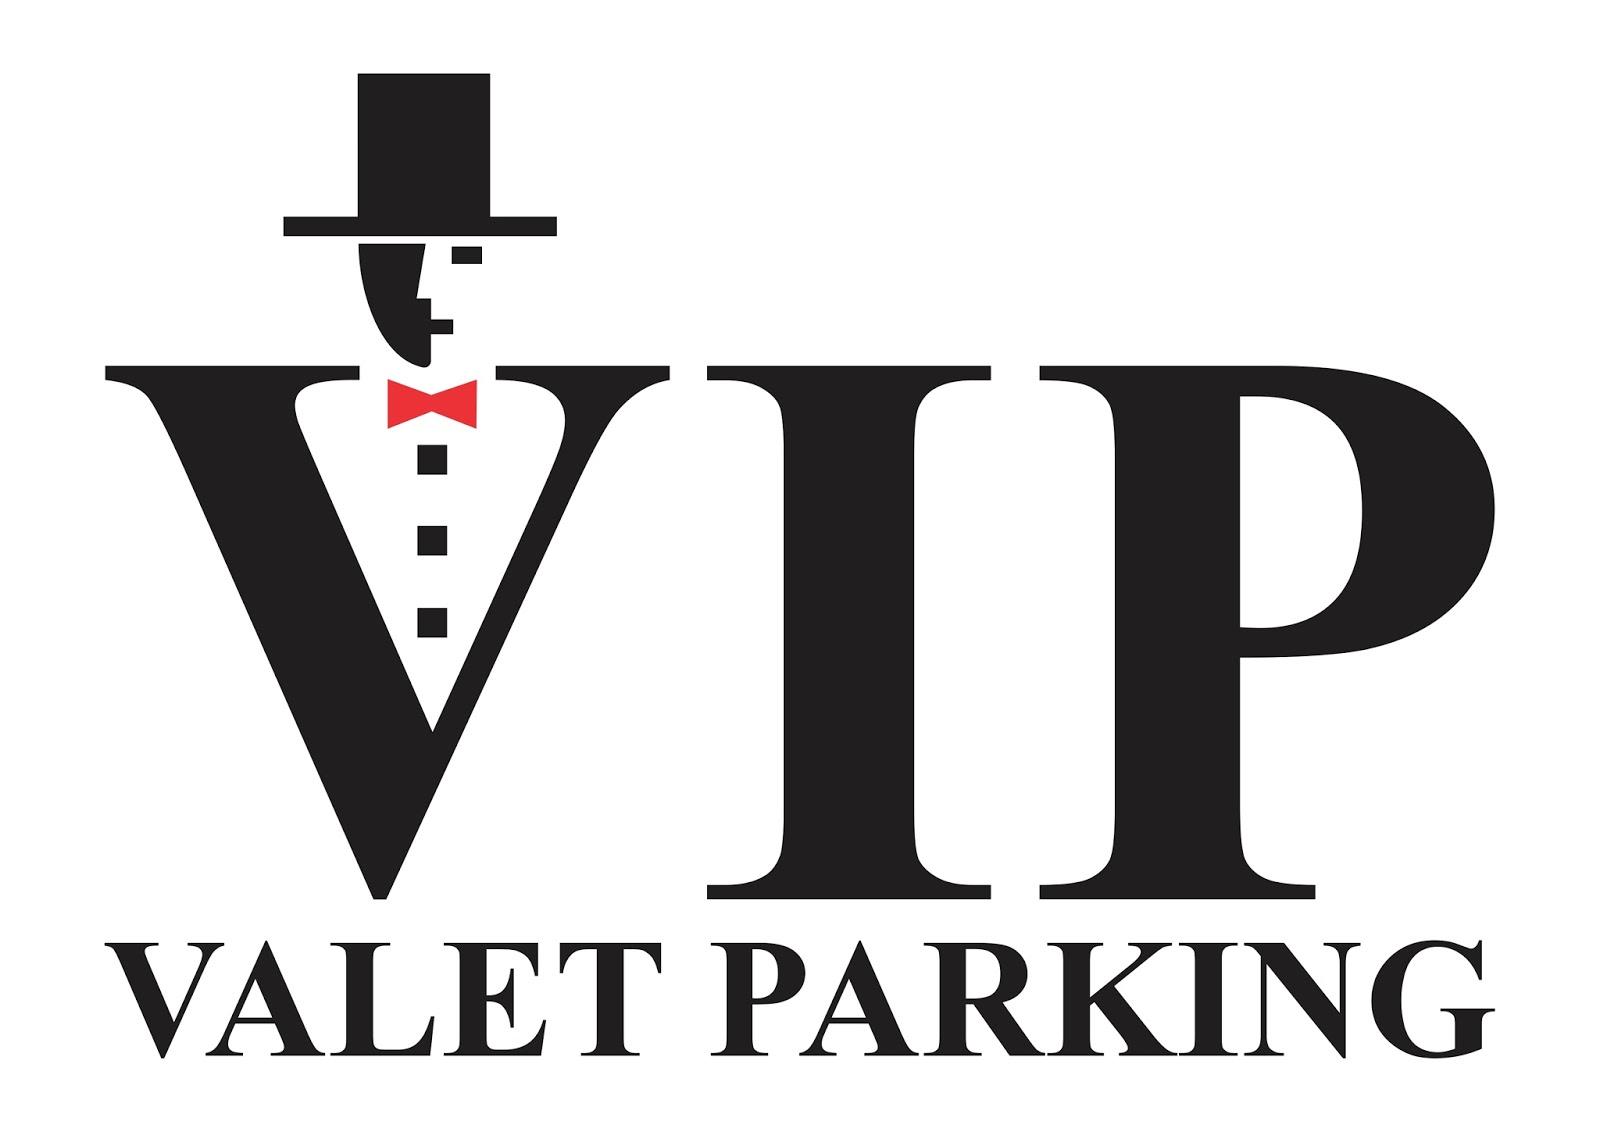 Lowongan Kerja Valet Parking